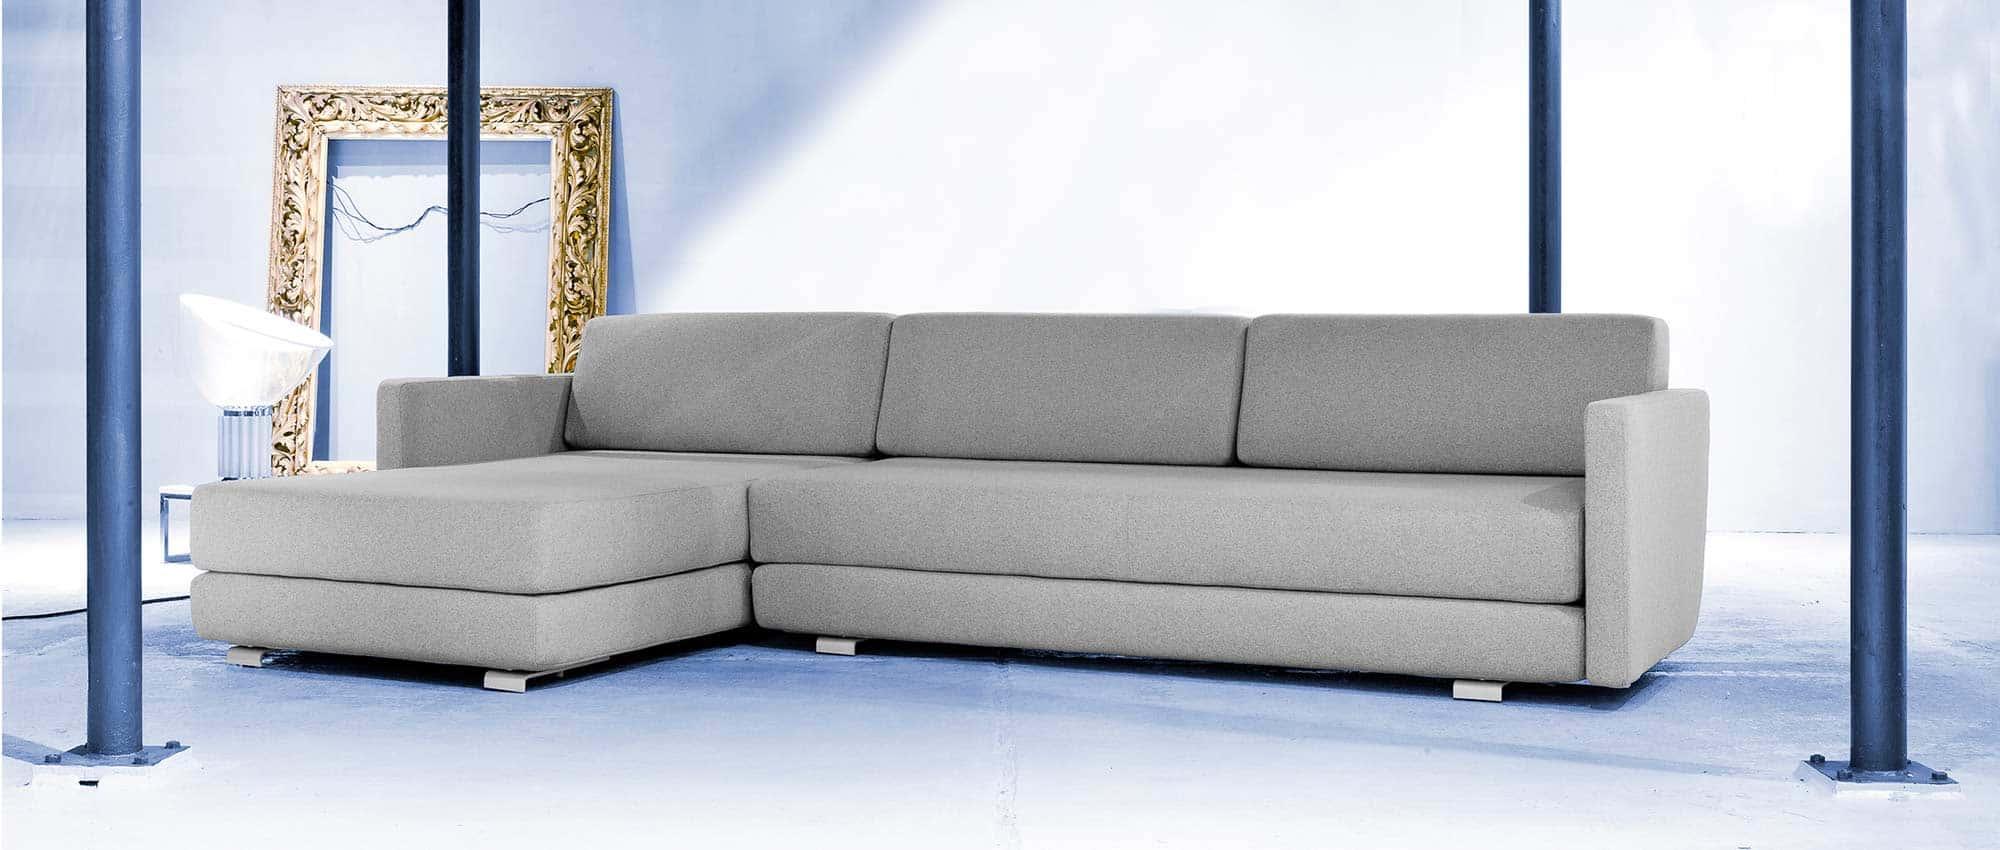 Full Size of Lounge Plus Schlafsofa Softline Mbel Schlafsofas Und Designer Bett Weiß 160x200 Komplett Betten Mit Lattenrost Matratze Liegefläche 180x200 Ikea Bettkasten Wohnzimmer Schlafsofa 160x200 Liegefläche